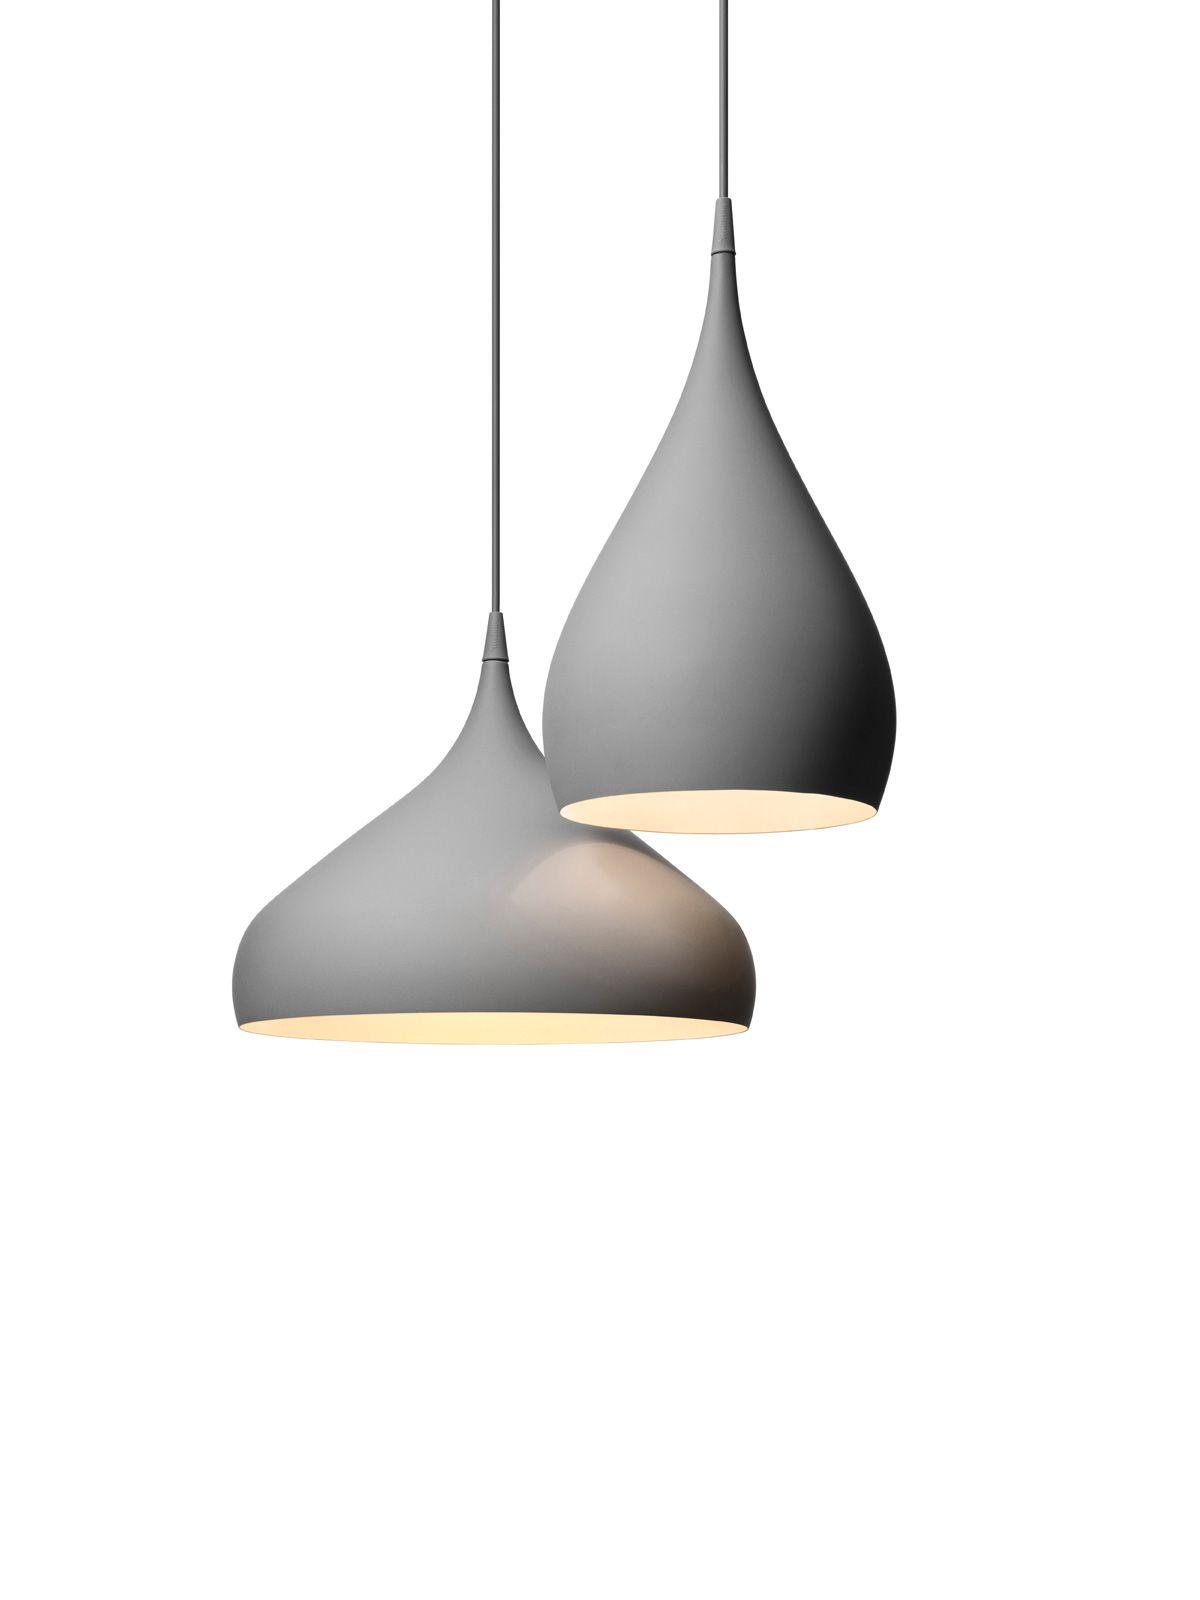 Full Size of Deckenlampe Skandinavisch Spinning Bh1 Lampe Leuchte Design Mit Bildern Deckenlampen Wohnzimmer Bett Esstisch Für Küche Schlafzimmer Modern Bad Wohnzimmer Deckenlampe Skandinavisch